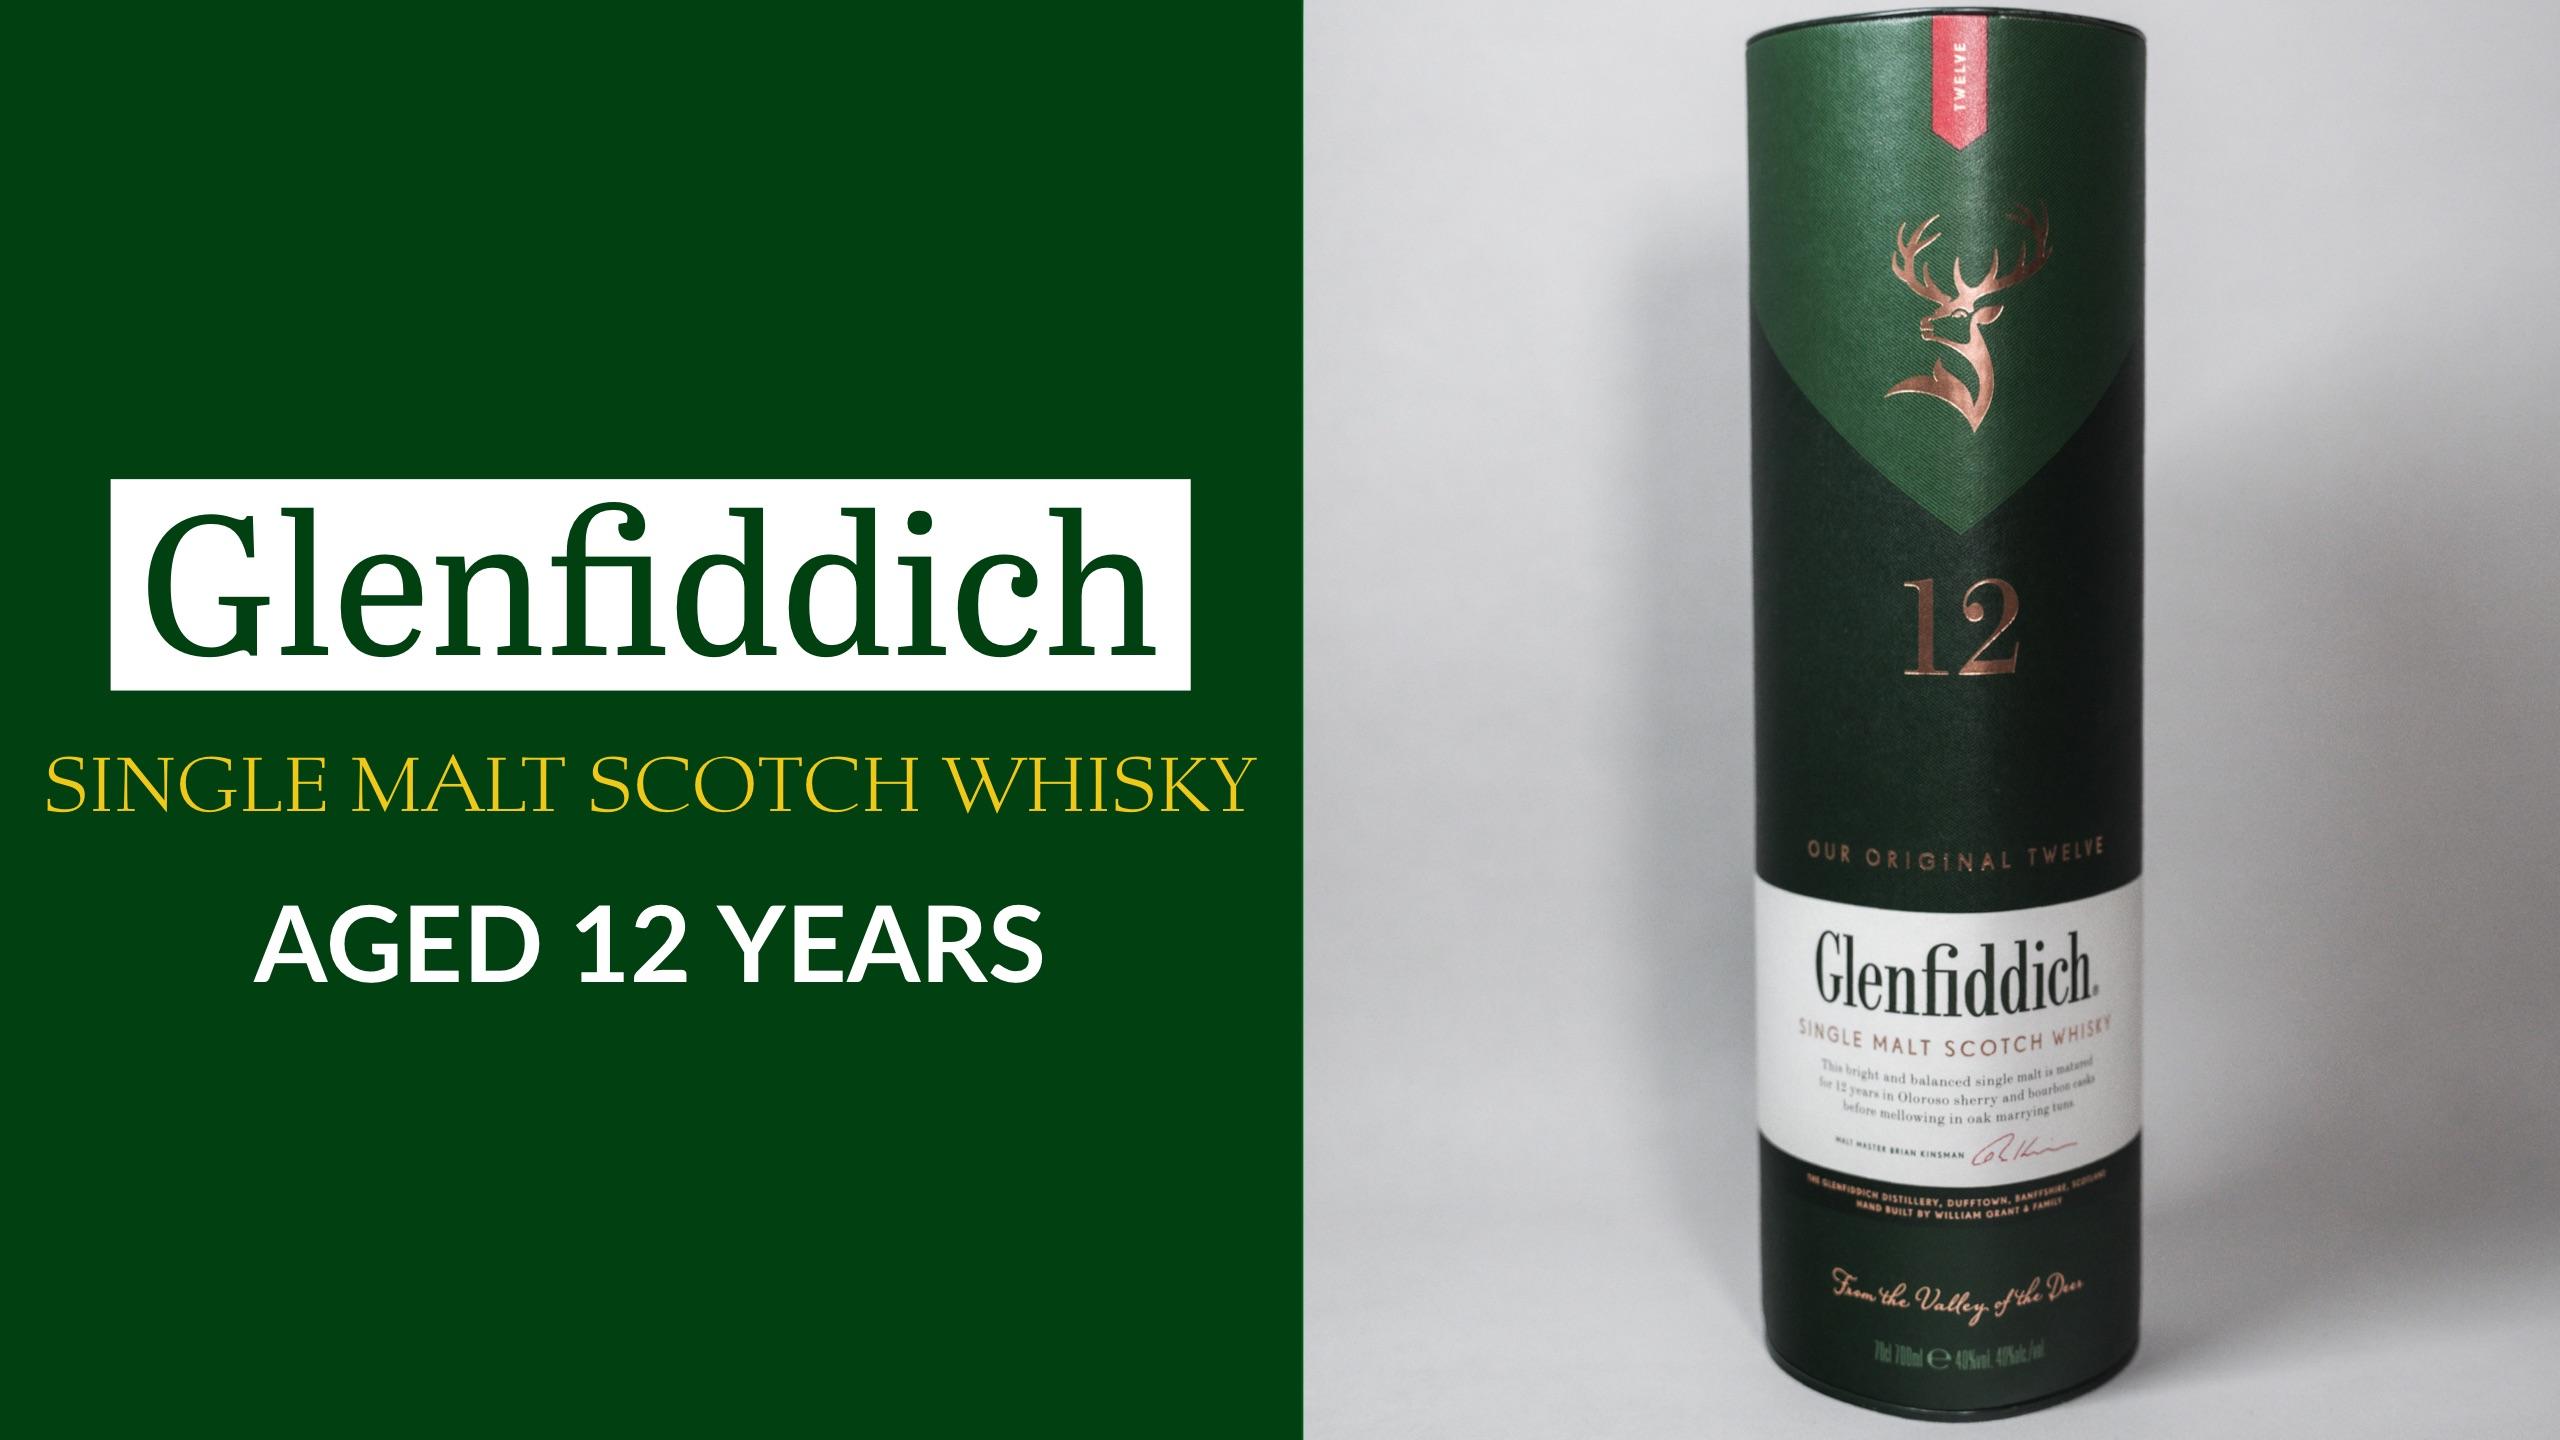 グレンフィディック12年をレビュー!ウイスキー初心者がはじめに選んだ1本